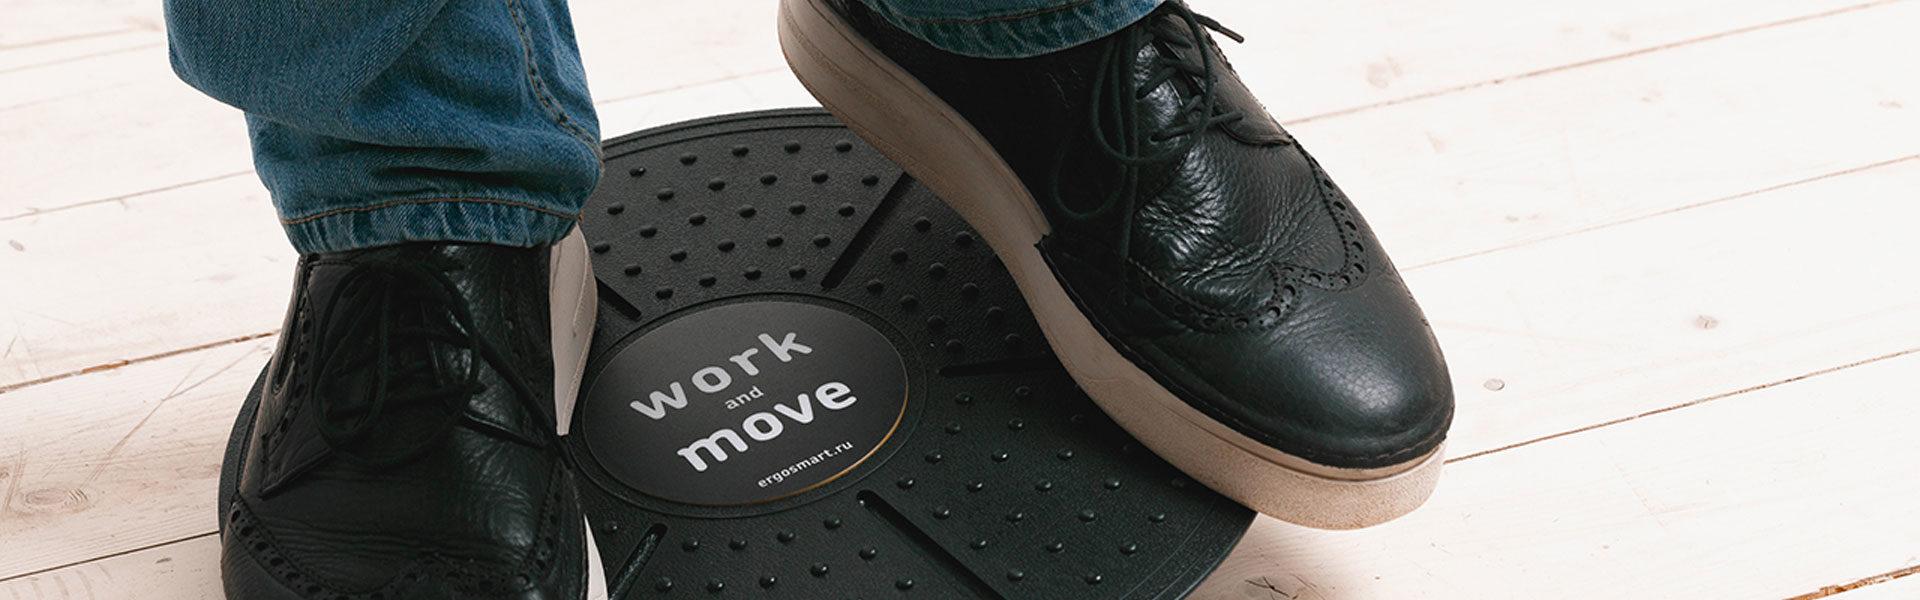 Двигайтесь больше, не отрываясь от работы